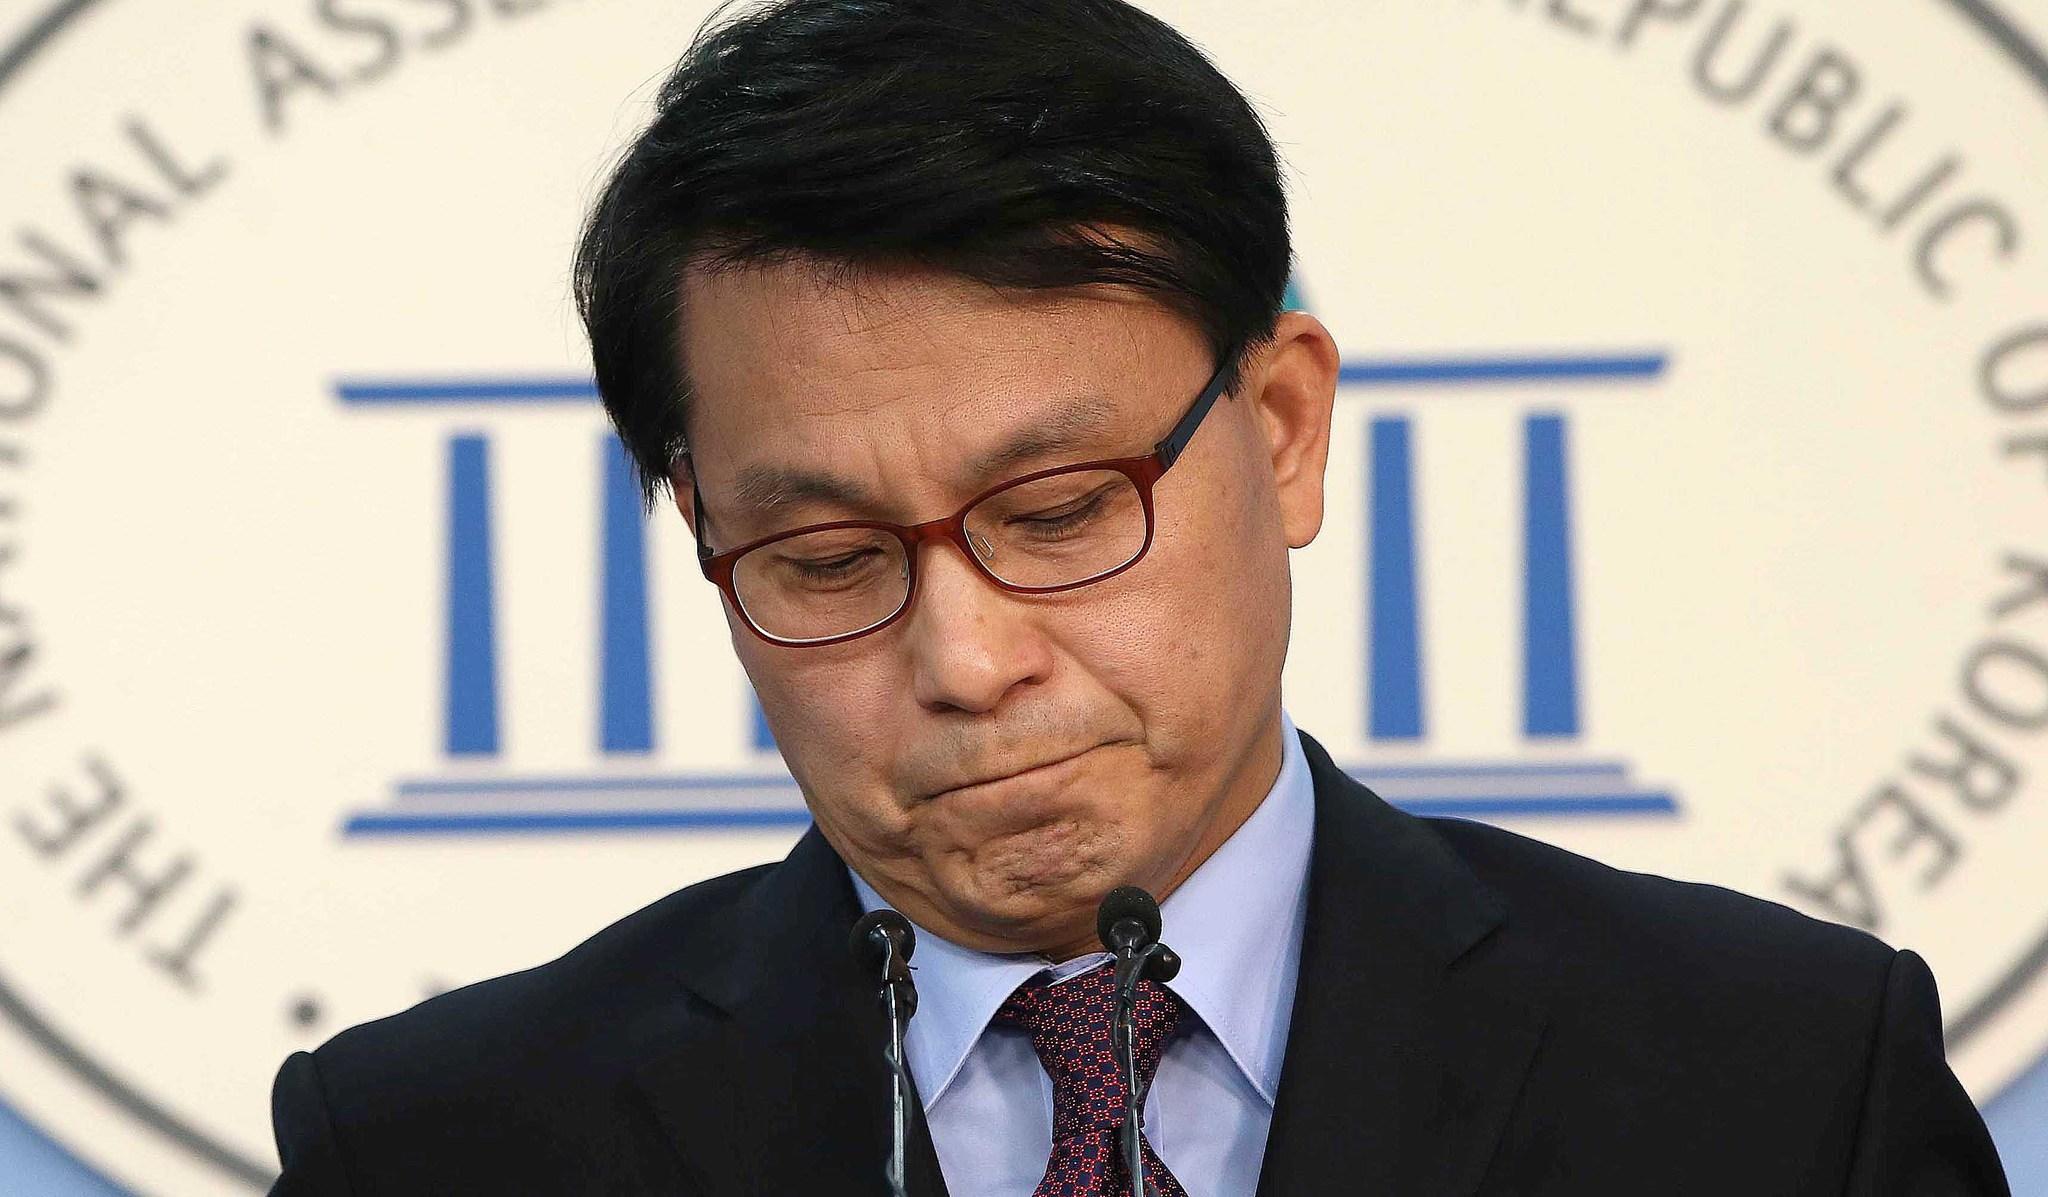 """윤상현 의원은 """"박 대통령과 가까운 사람, 지인이라는 그 사람의 일가가 그렇게 독이 될 줄은 박 대통령도 차마 몰랐을 것""""이라며 국정 농단 사태의 책임을 최순실에게 돌렸다.오종택 기자"""